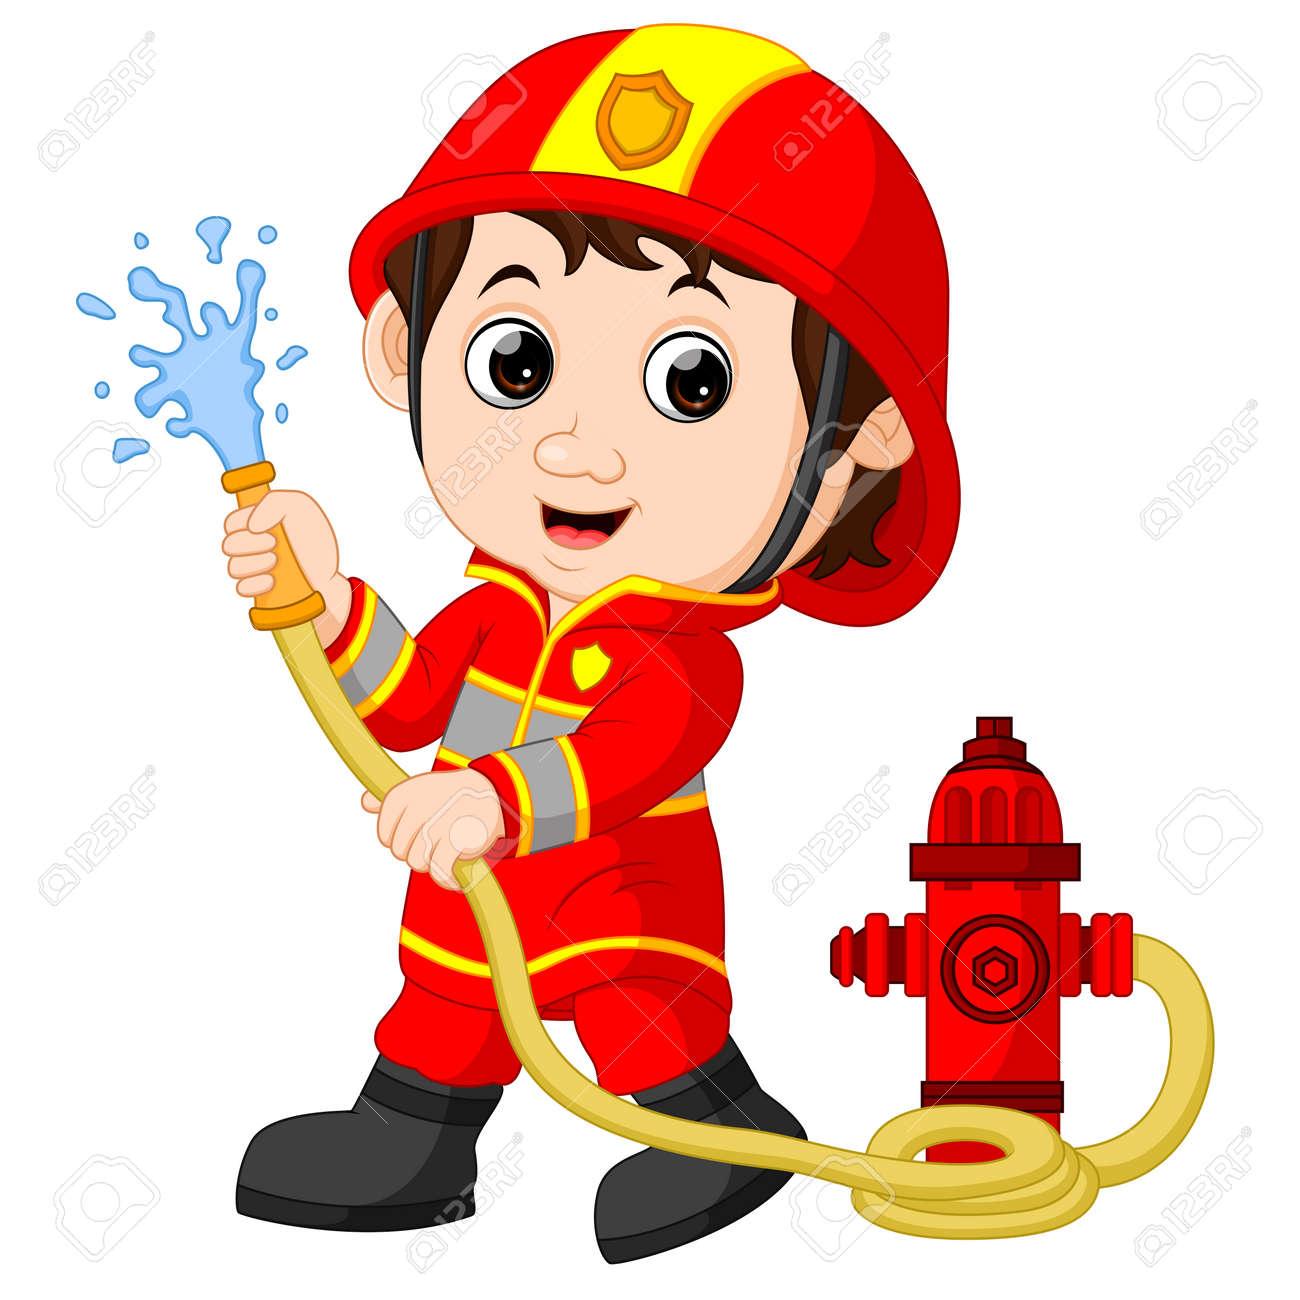 Dessin Pompier dessin animé pompier. clip art libres de droits , vecteurs et